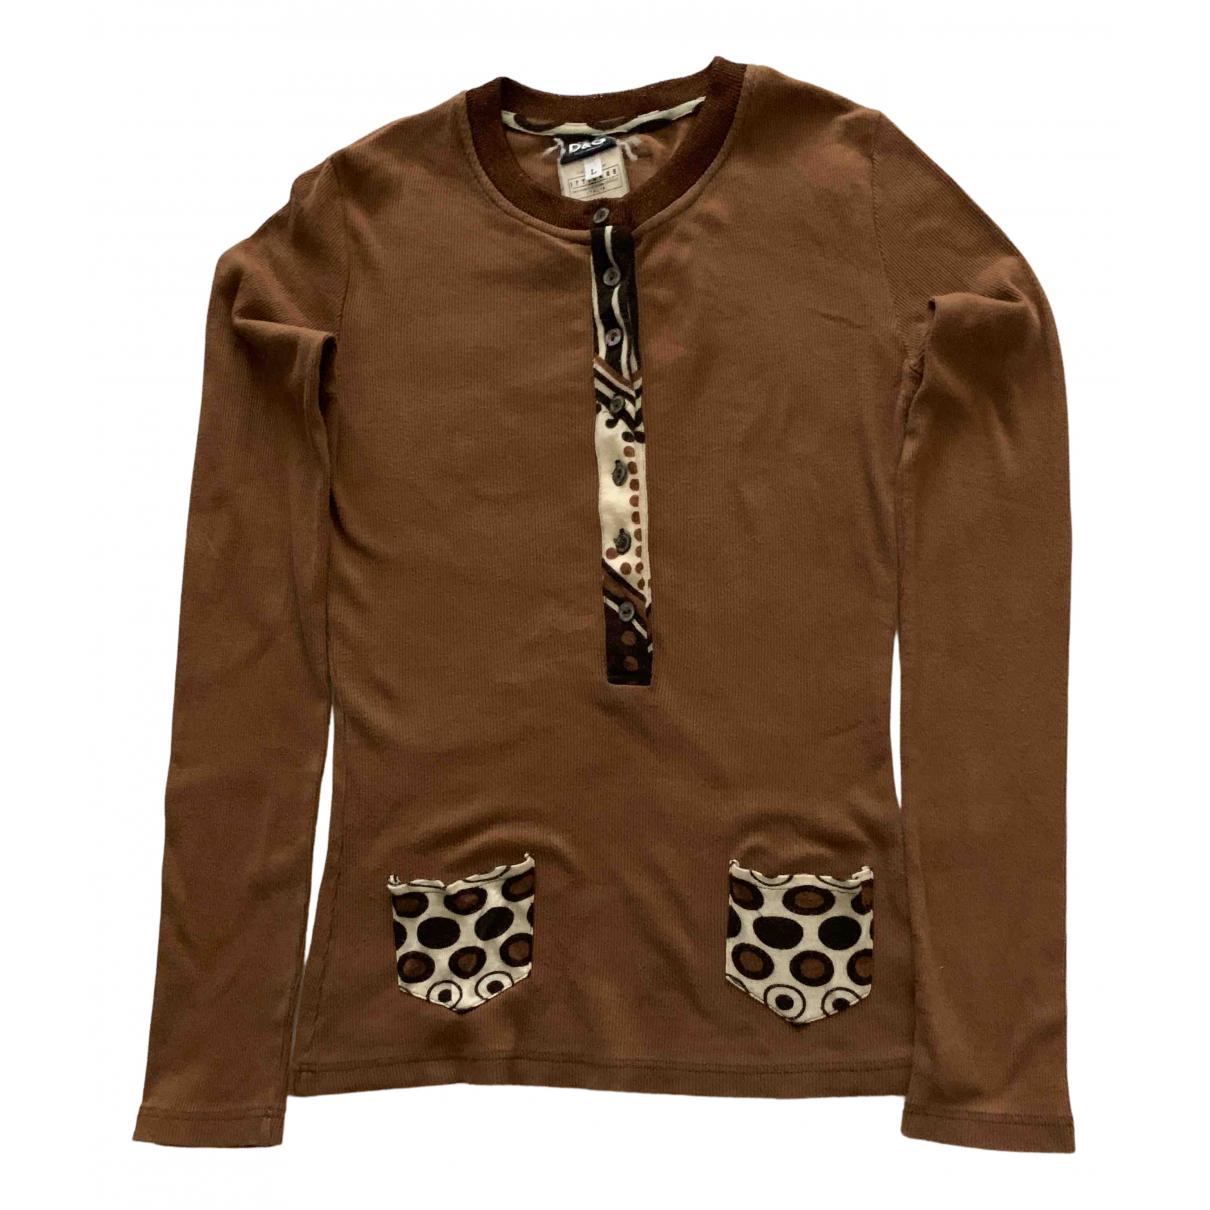 D&g - Top   pour femme en coton - marron